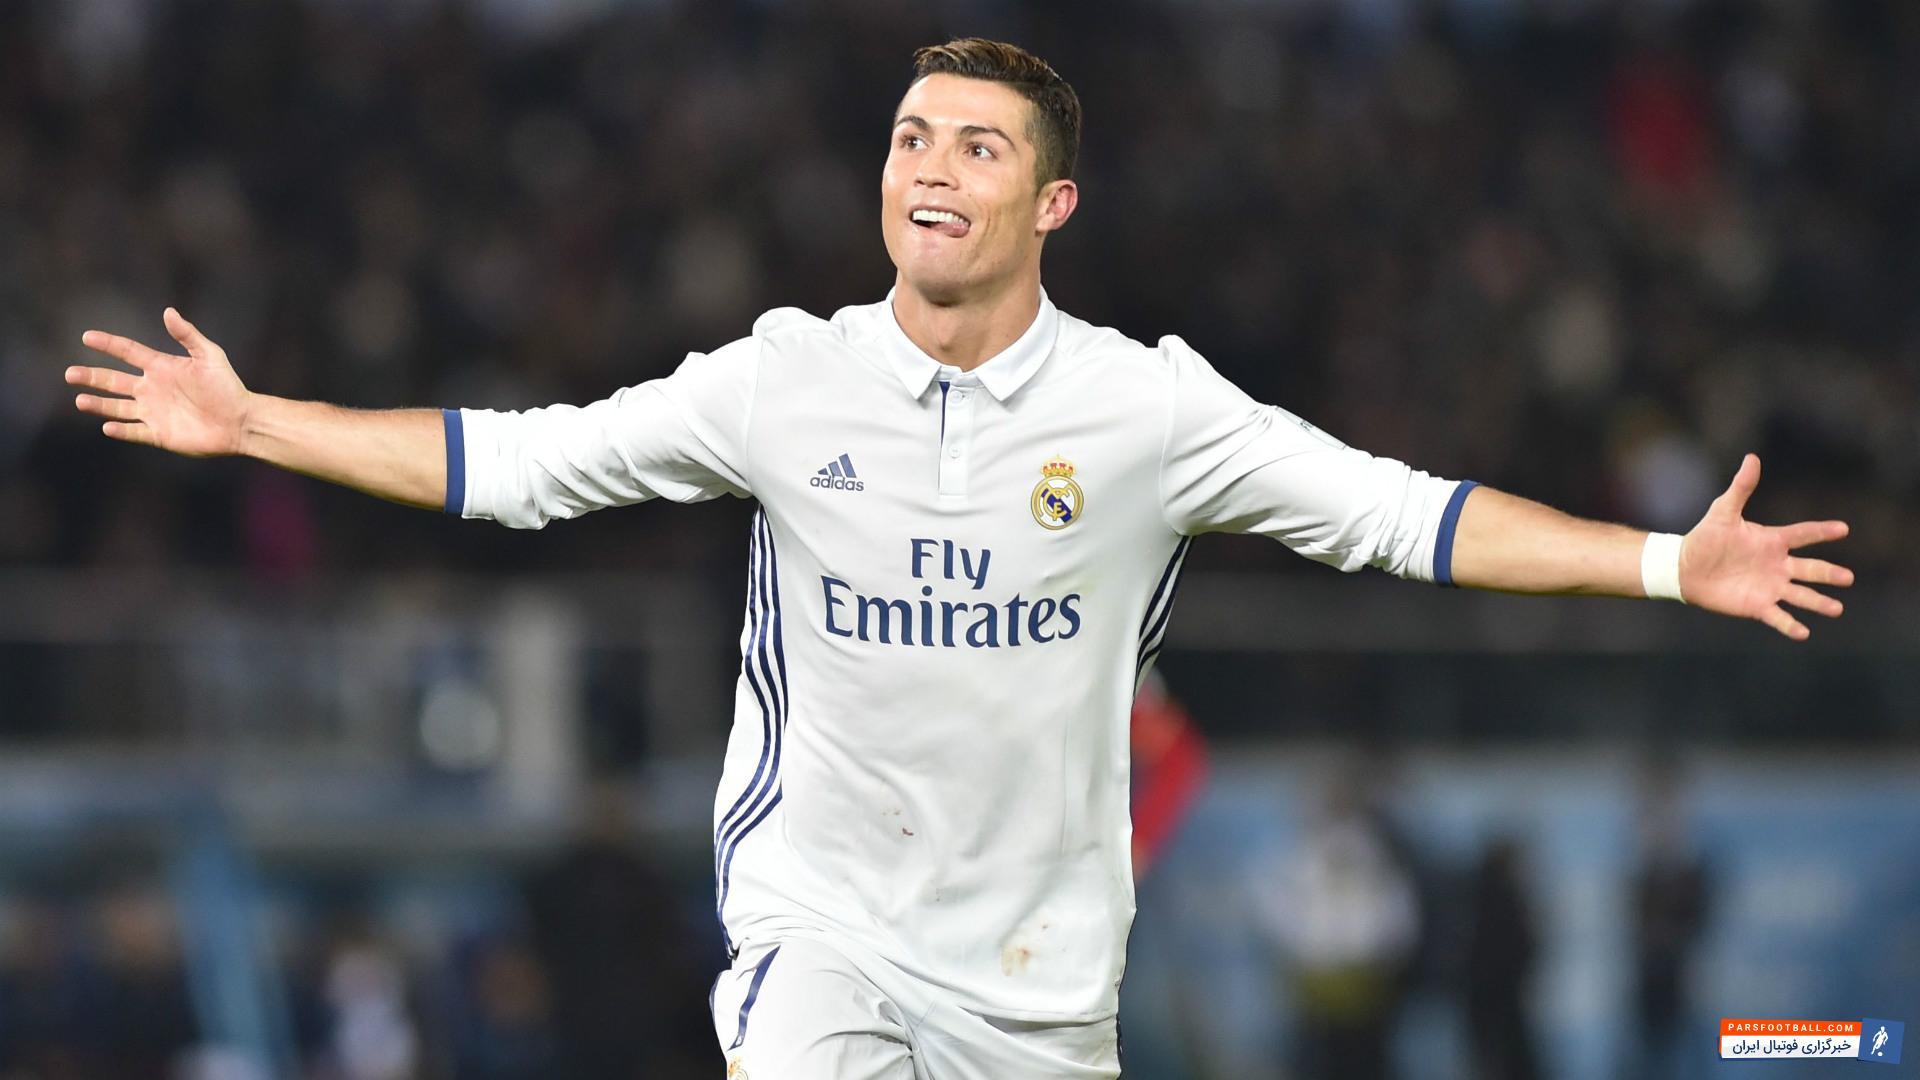 15 گل فوق العاده و تماشایی کریس رونالدو در تیم فوتبال رئال مادرید